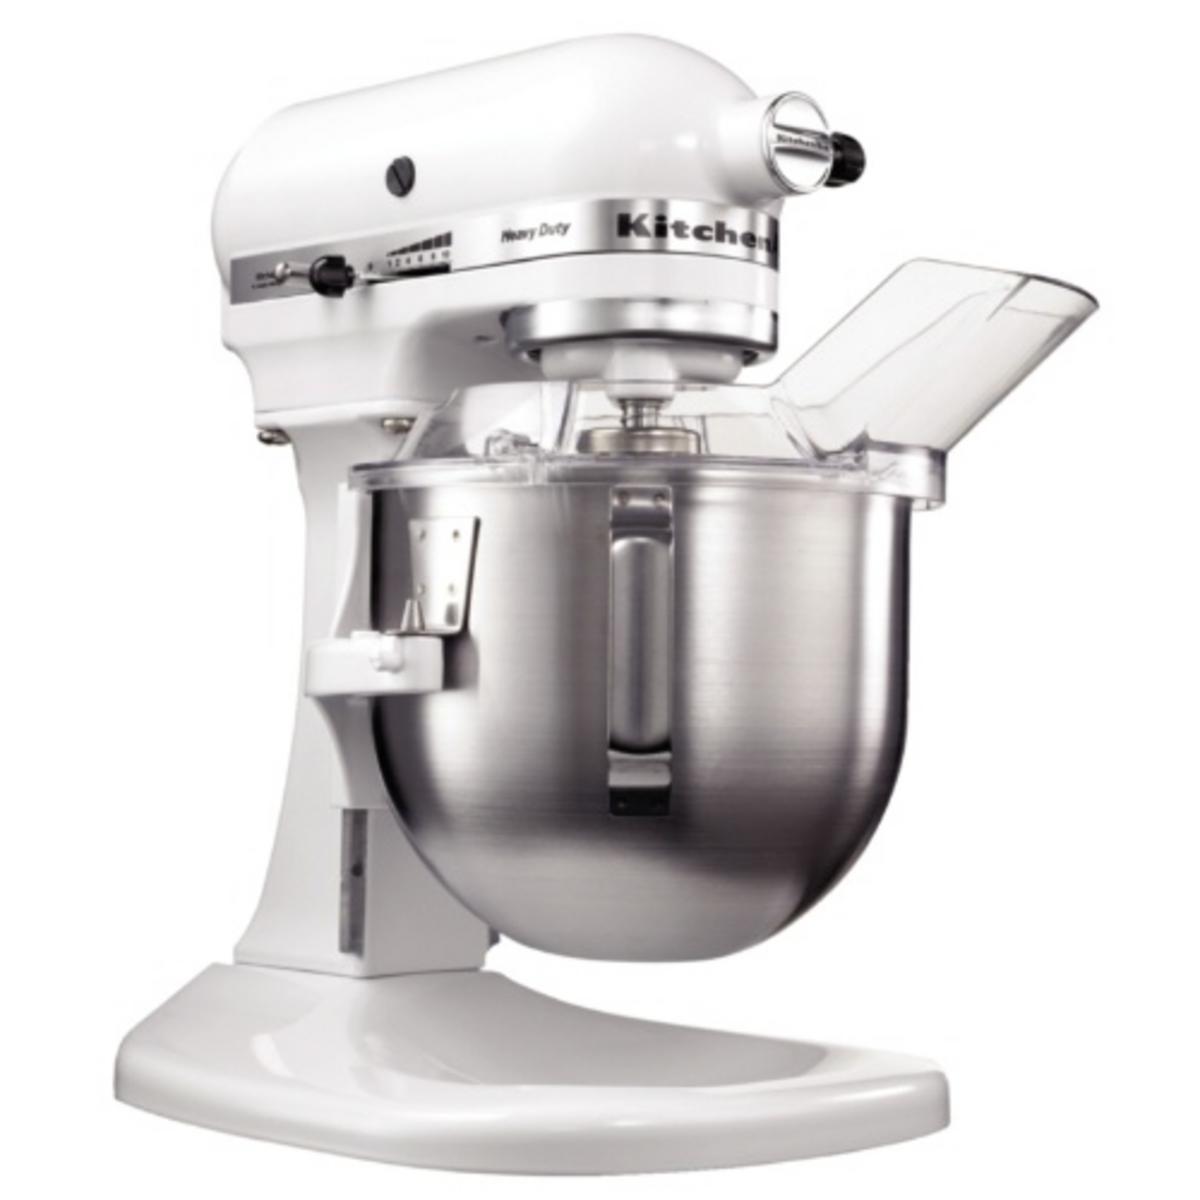 Kitchen aid mixer white Photo - 6